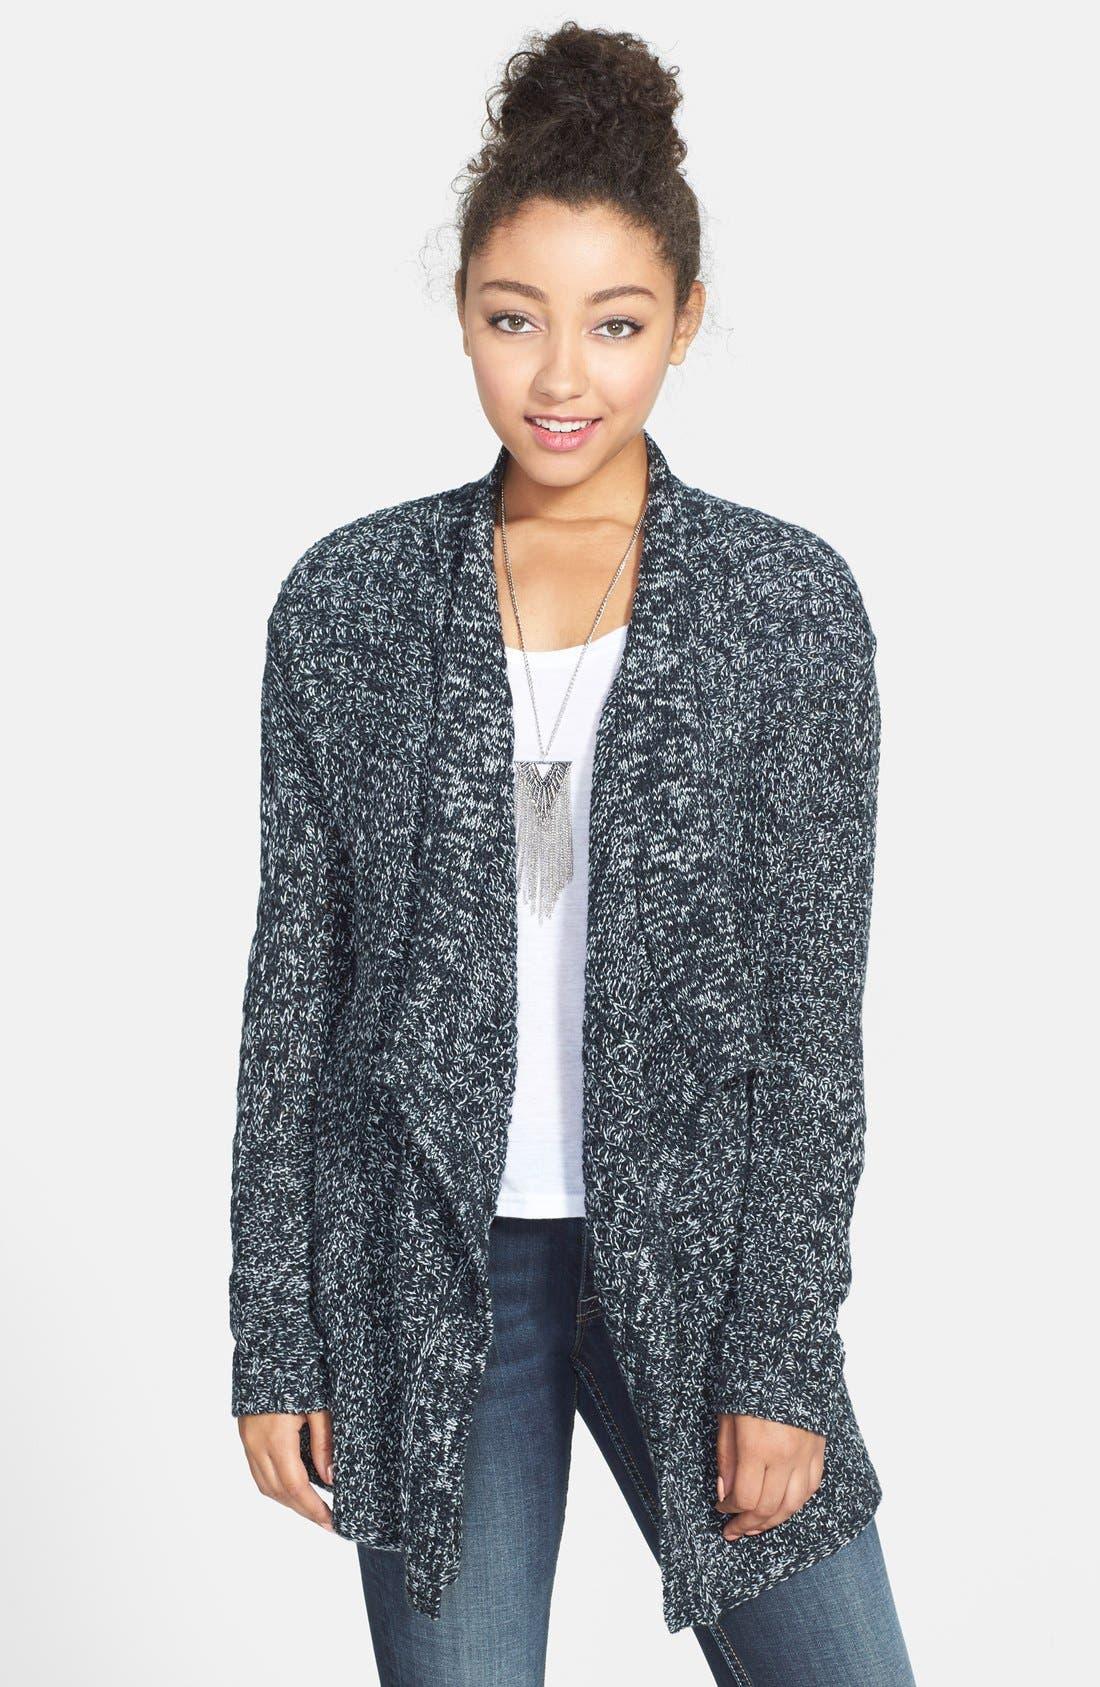 Alternate Image 1 Selected - BP. Patchwork Blanket Cardigan (Juniors)